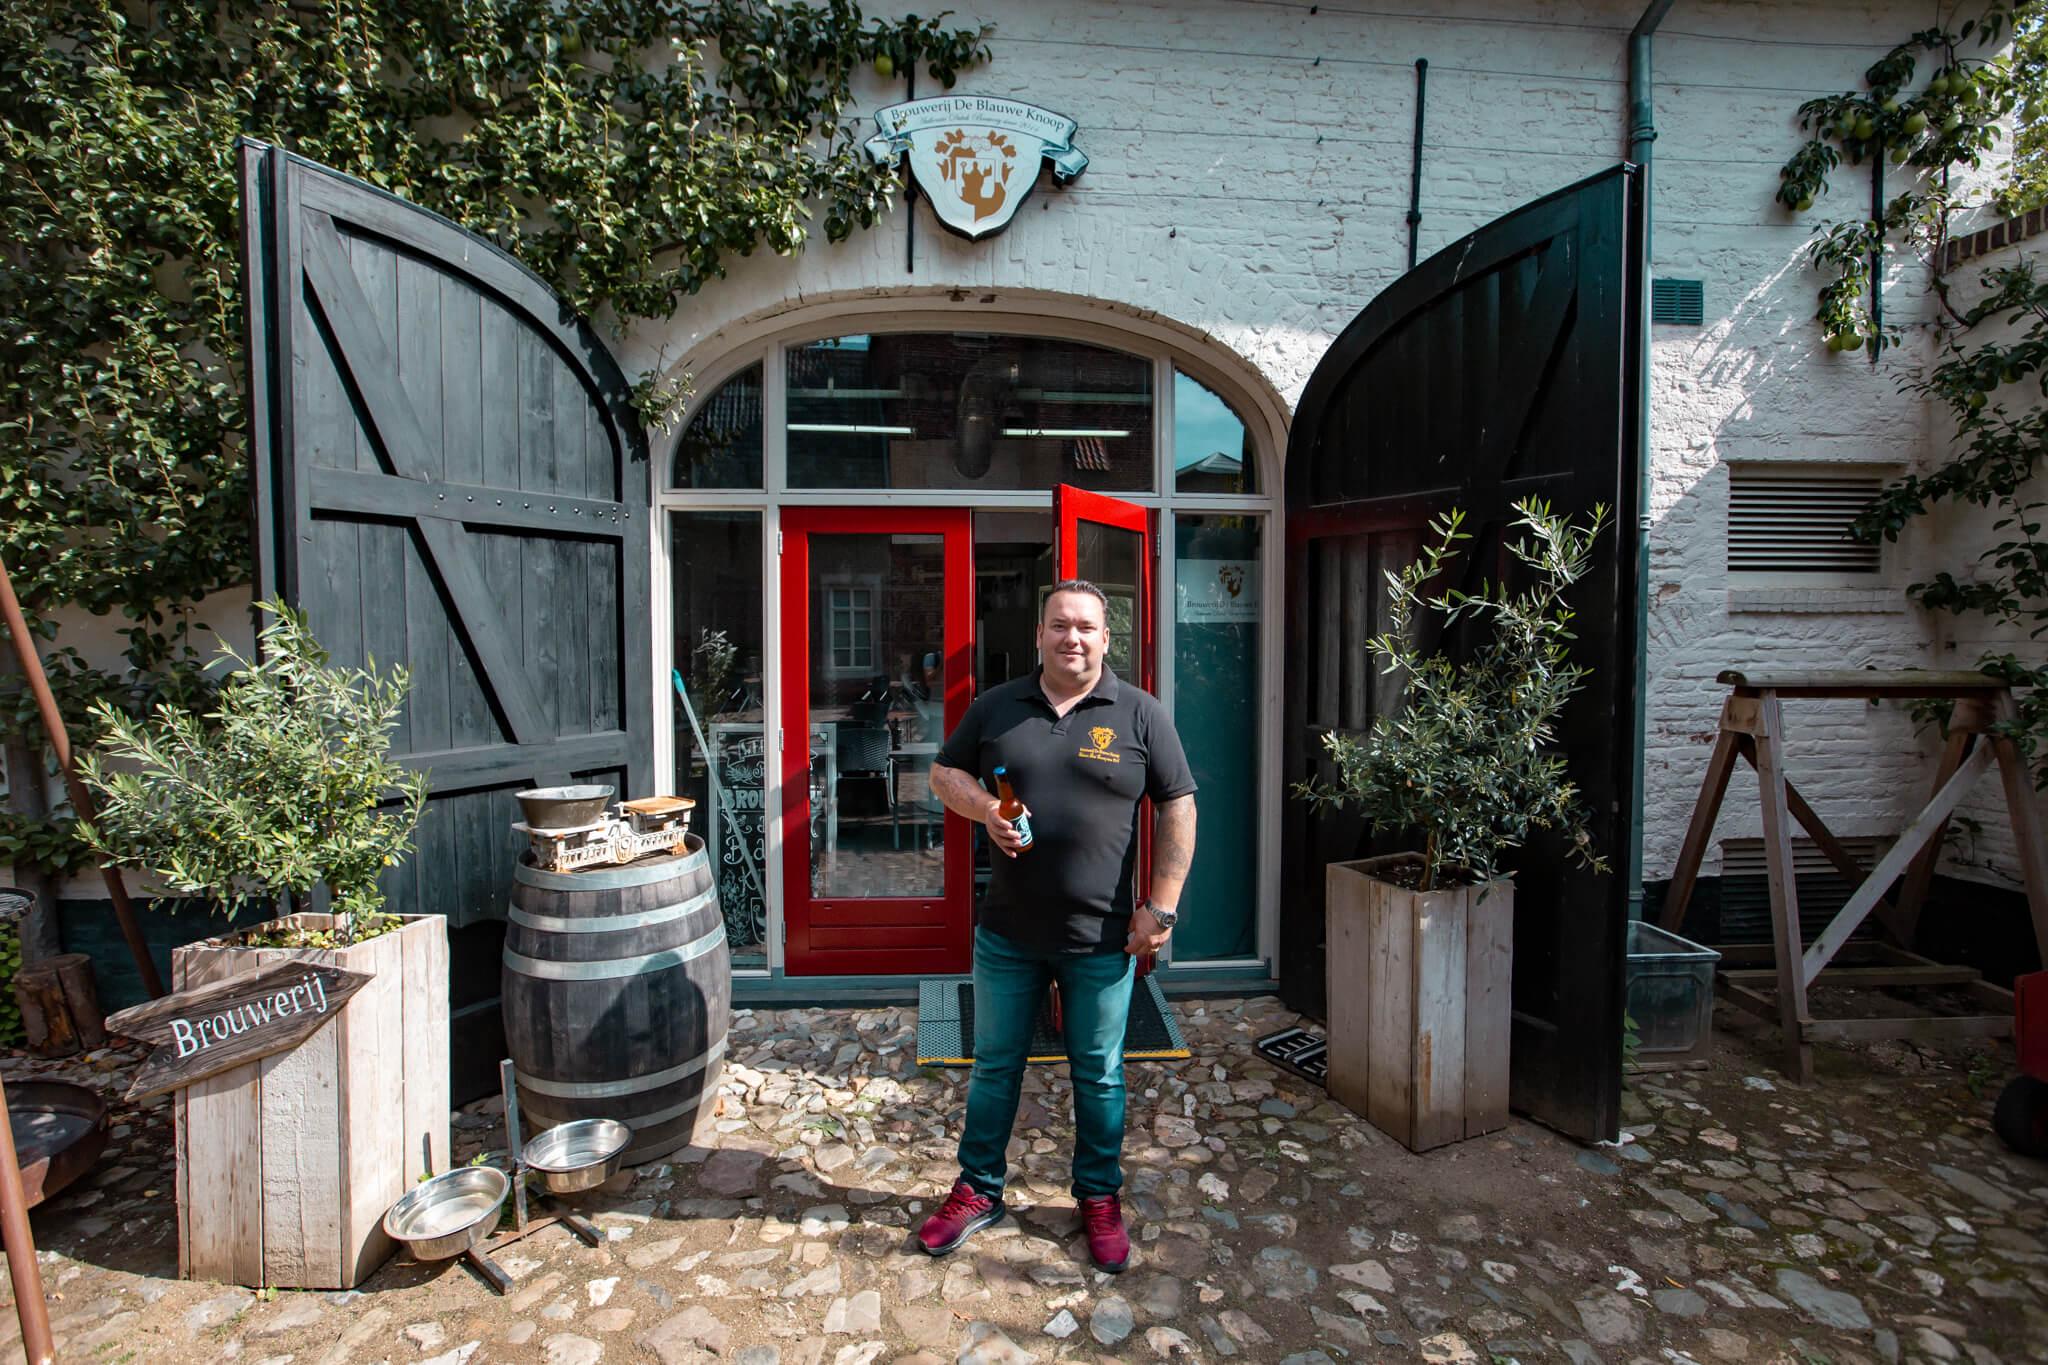 WEEK 39:  Het verhaal van brouwerij De Blauwe Knoop